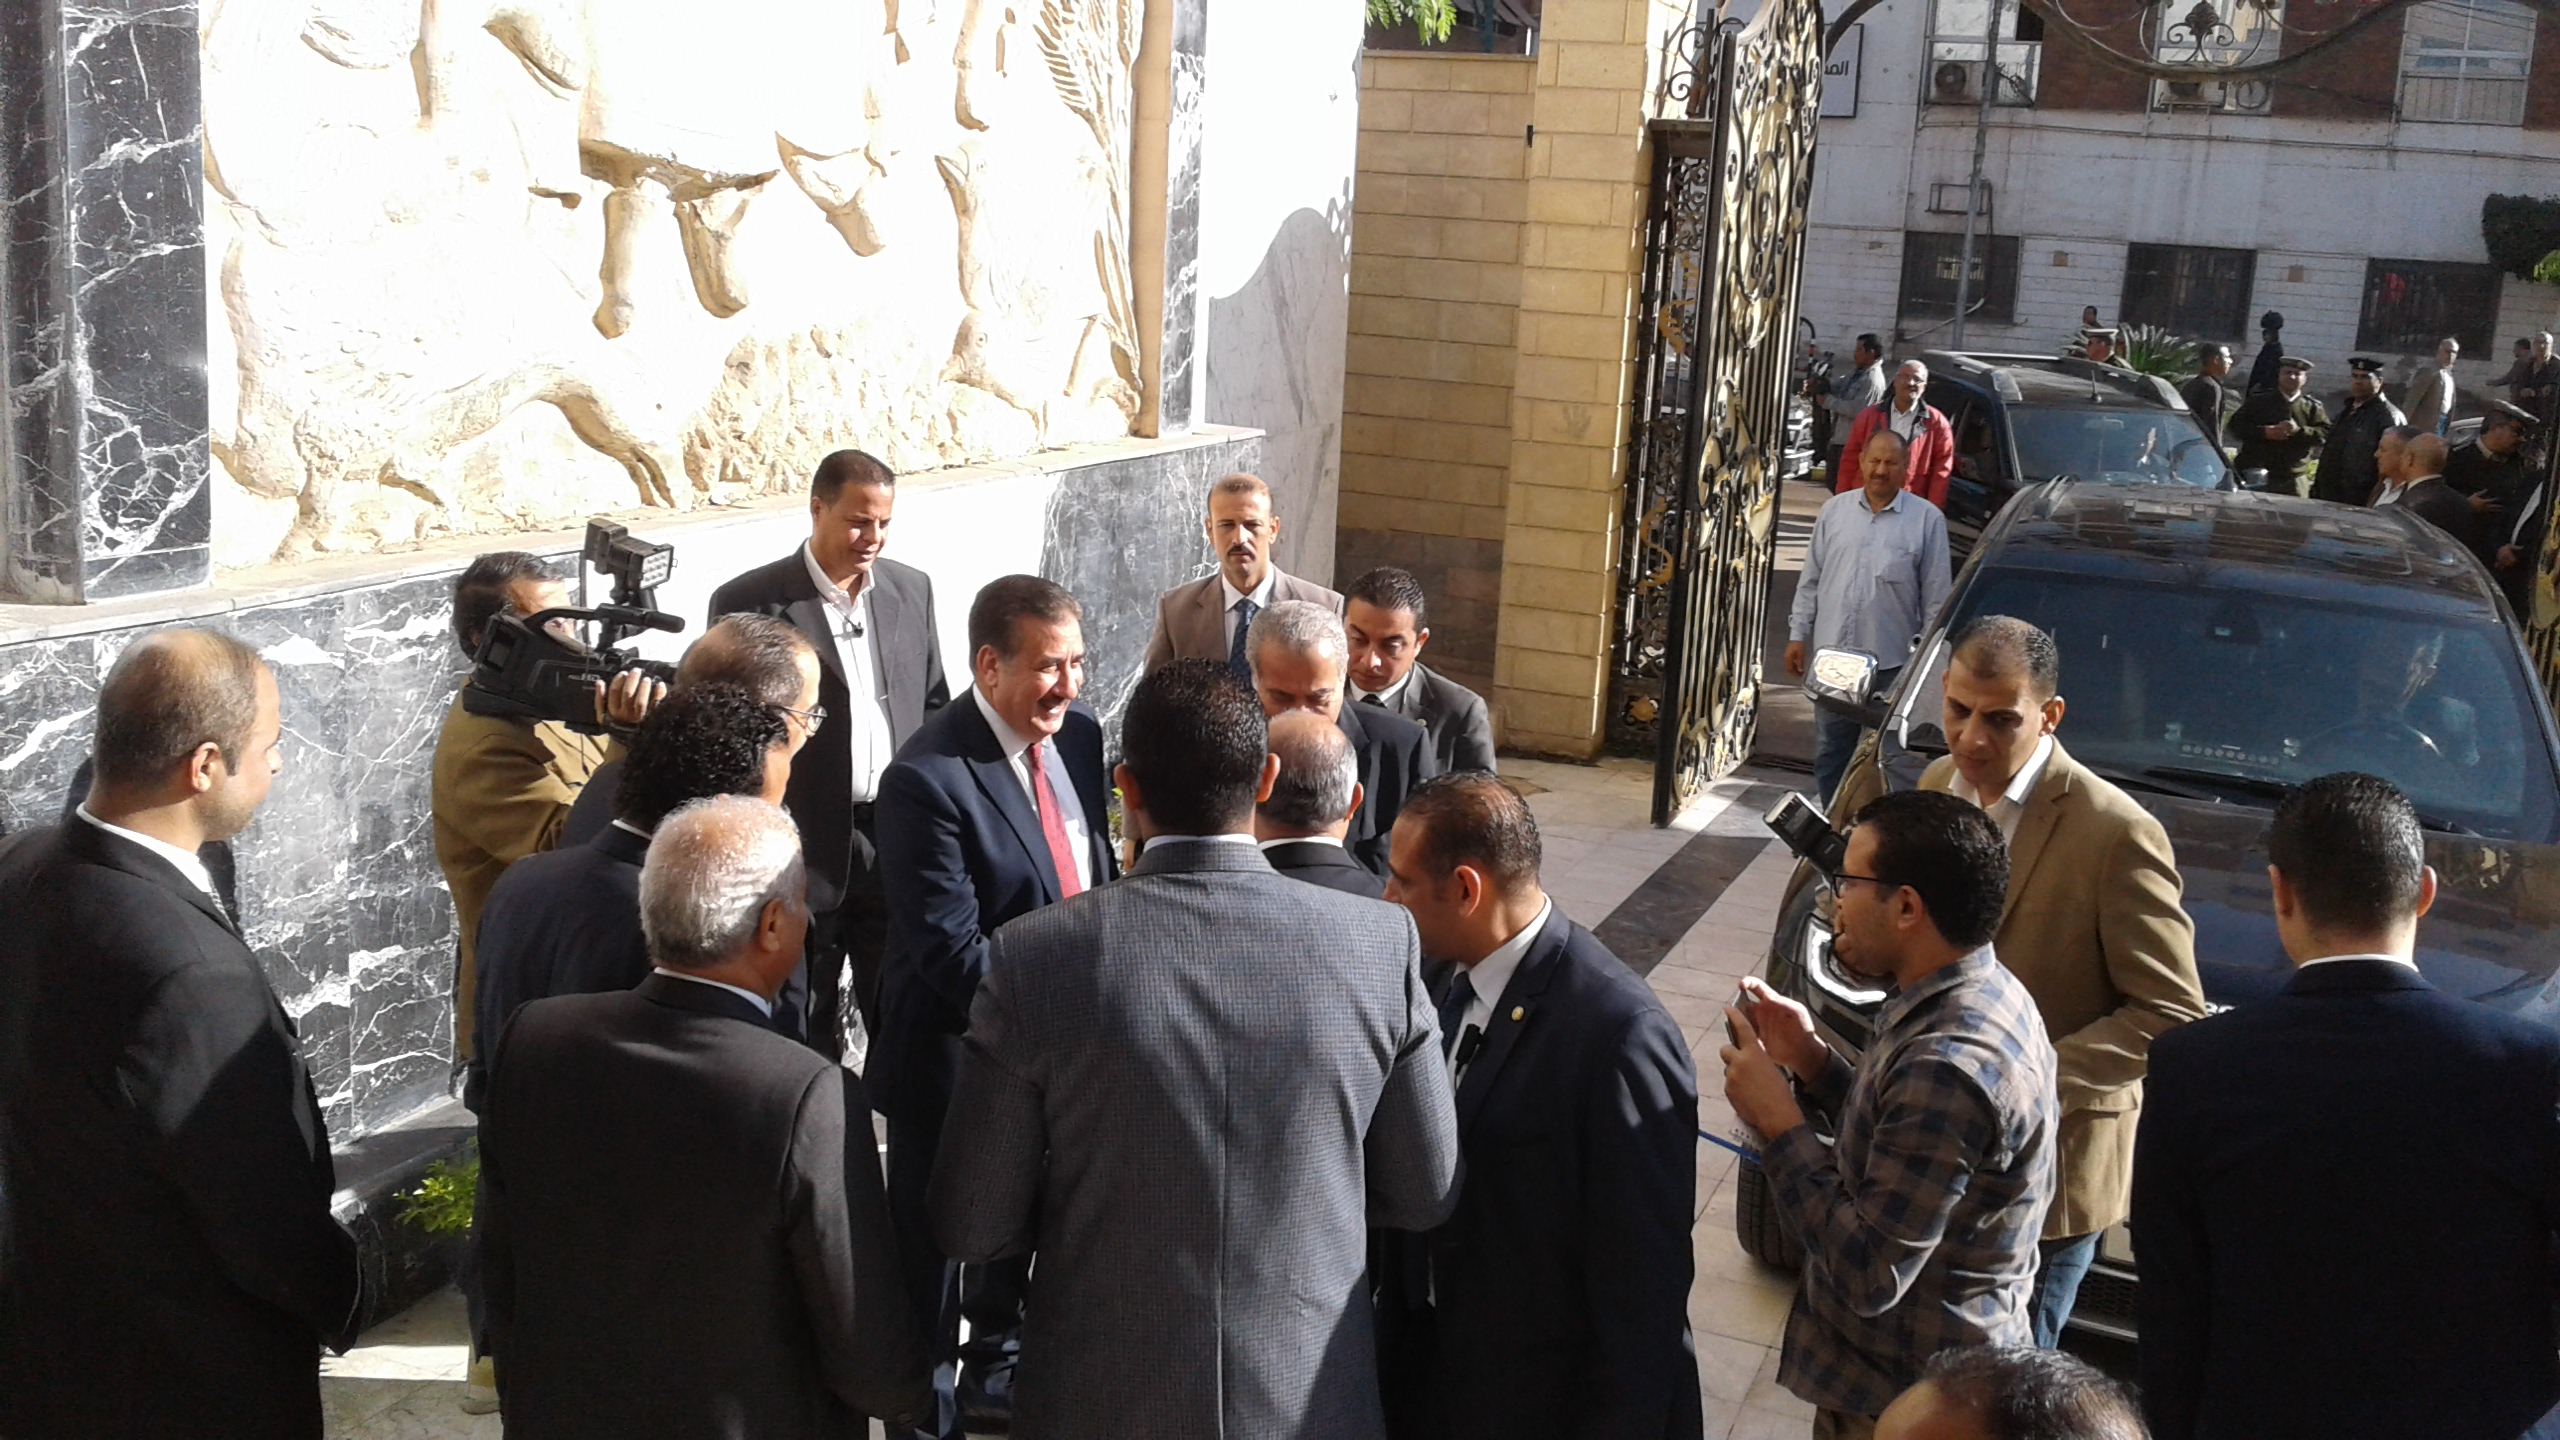 محافظ المنوفية يستقبل وزير التموين لوضع حجر اساس مشروع دلتا لاند مارك (4)